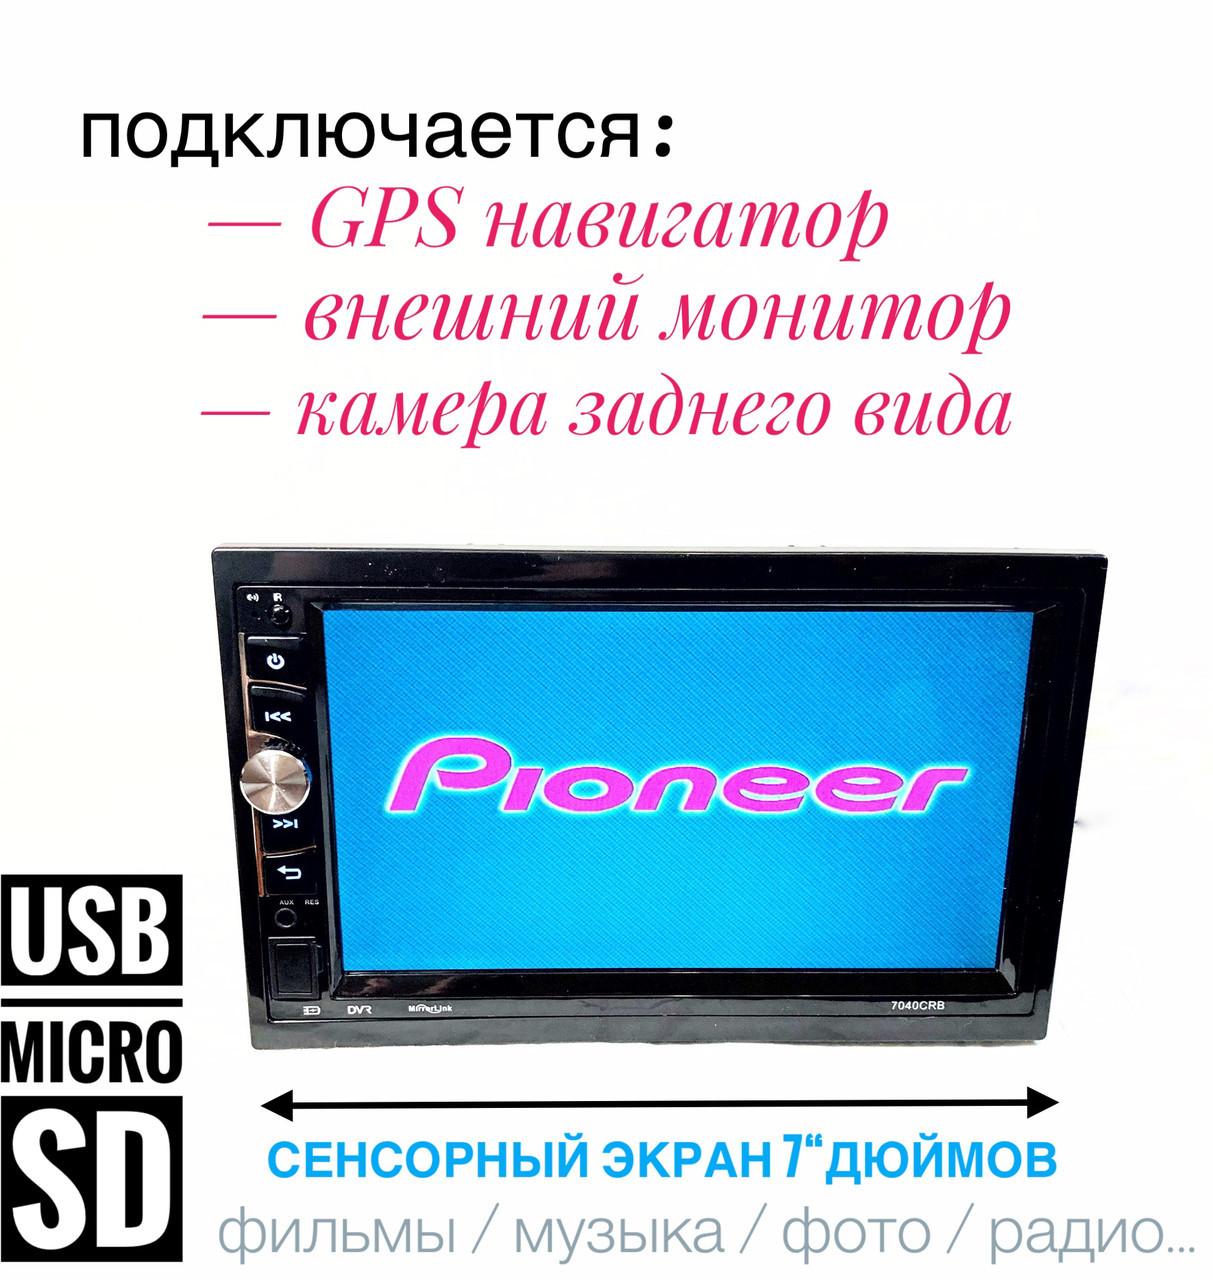 Автомагнитола Pioneer с сенсорным экраном и блютузом + пульт на руль